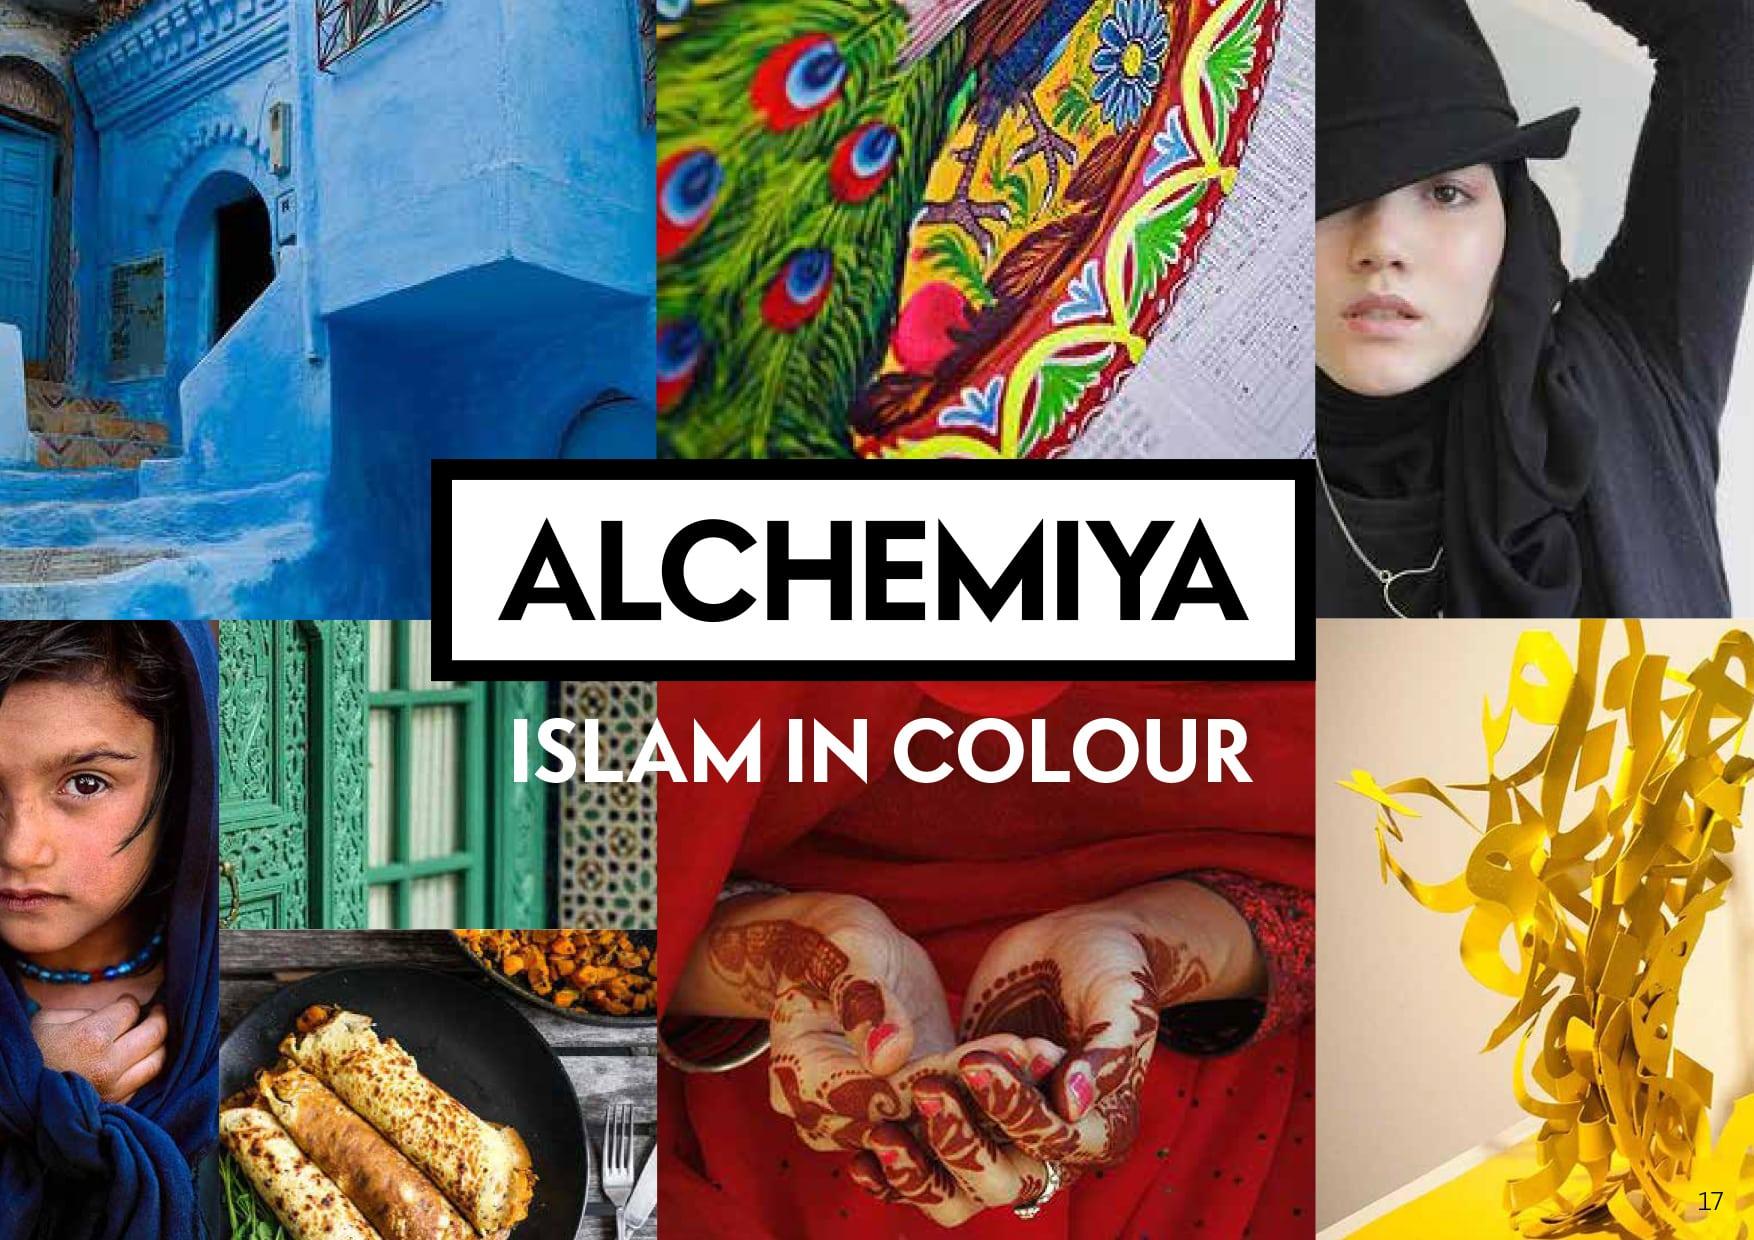 060218 Alchemiya montage